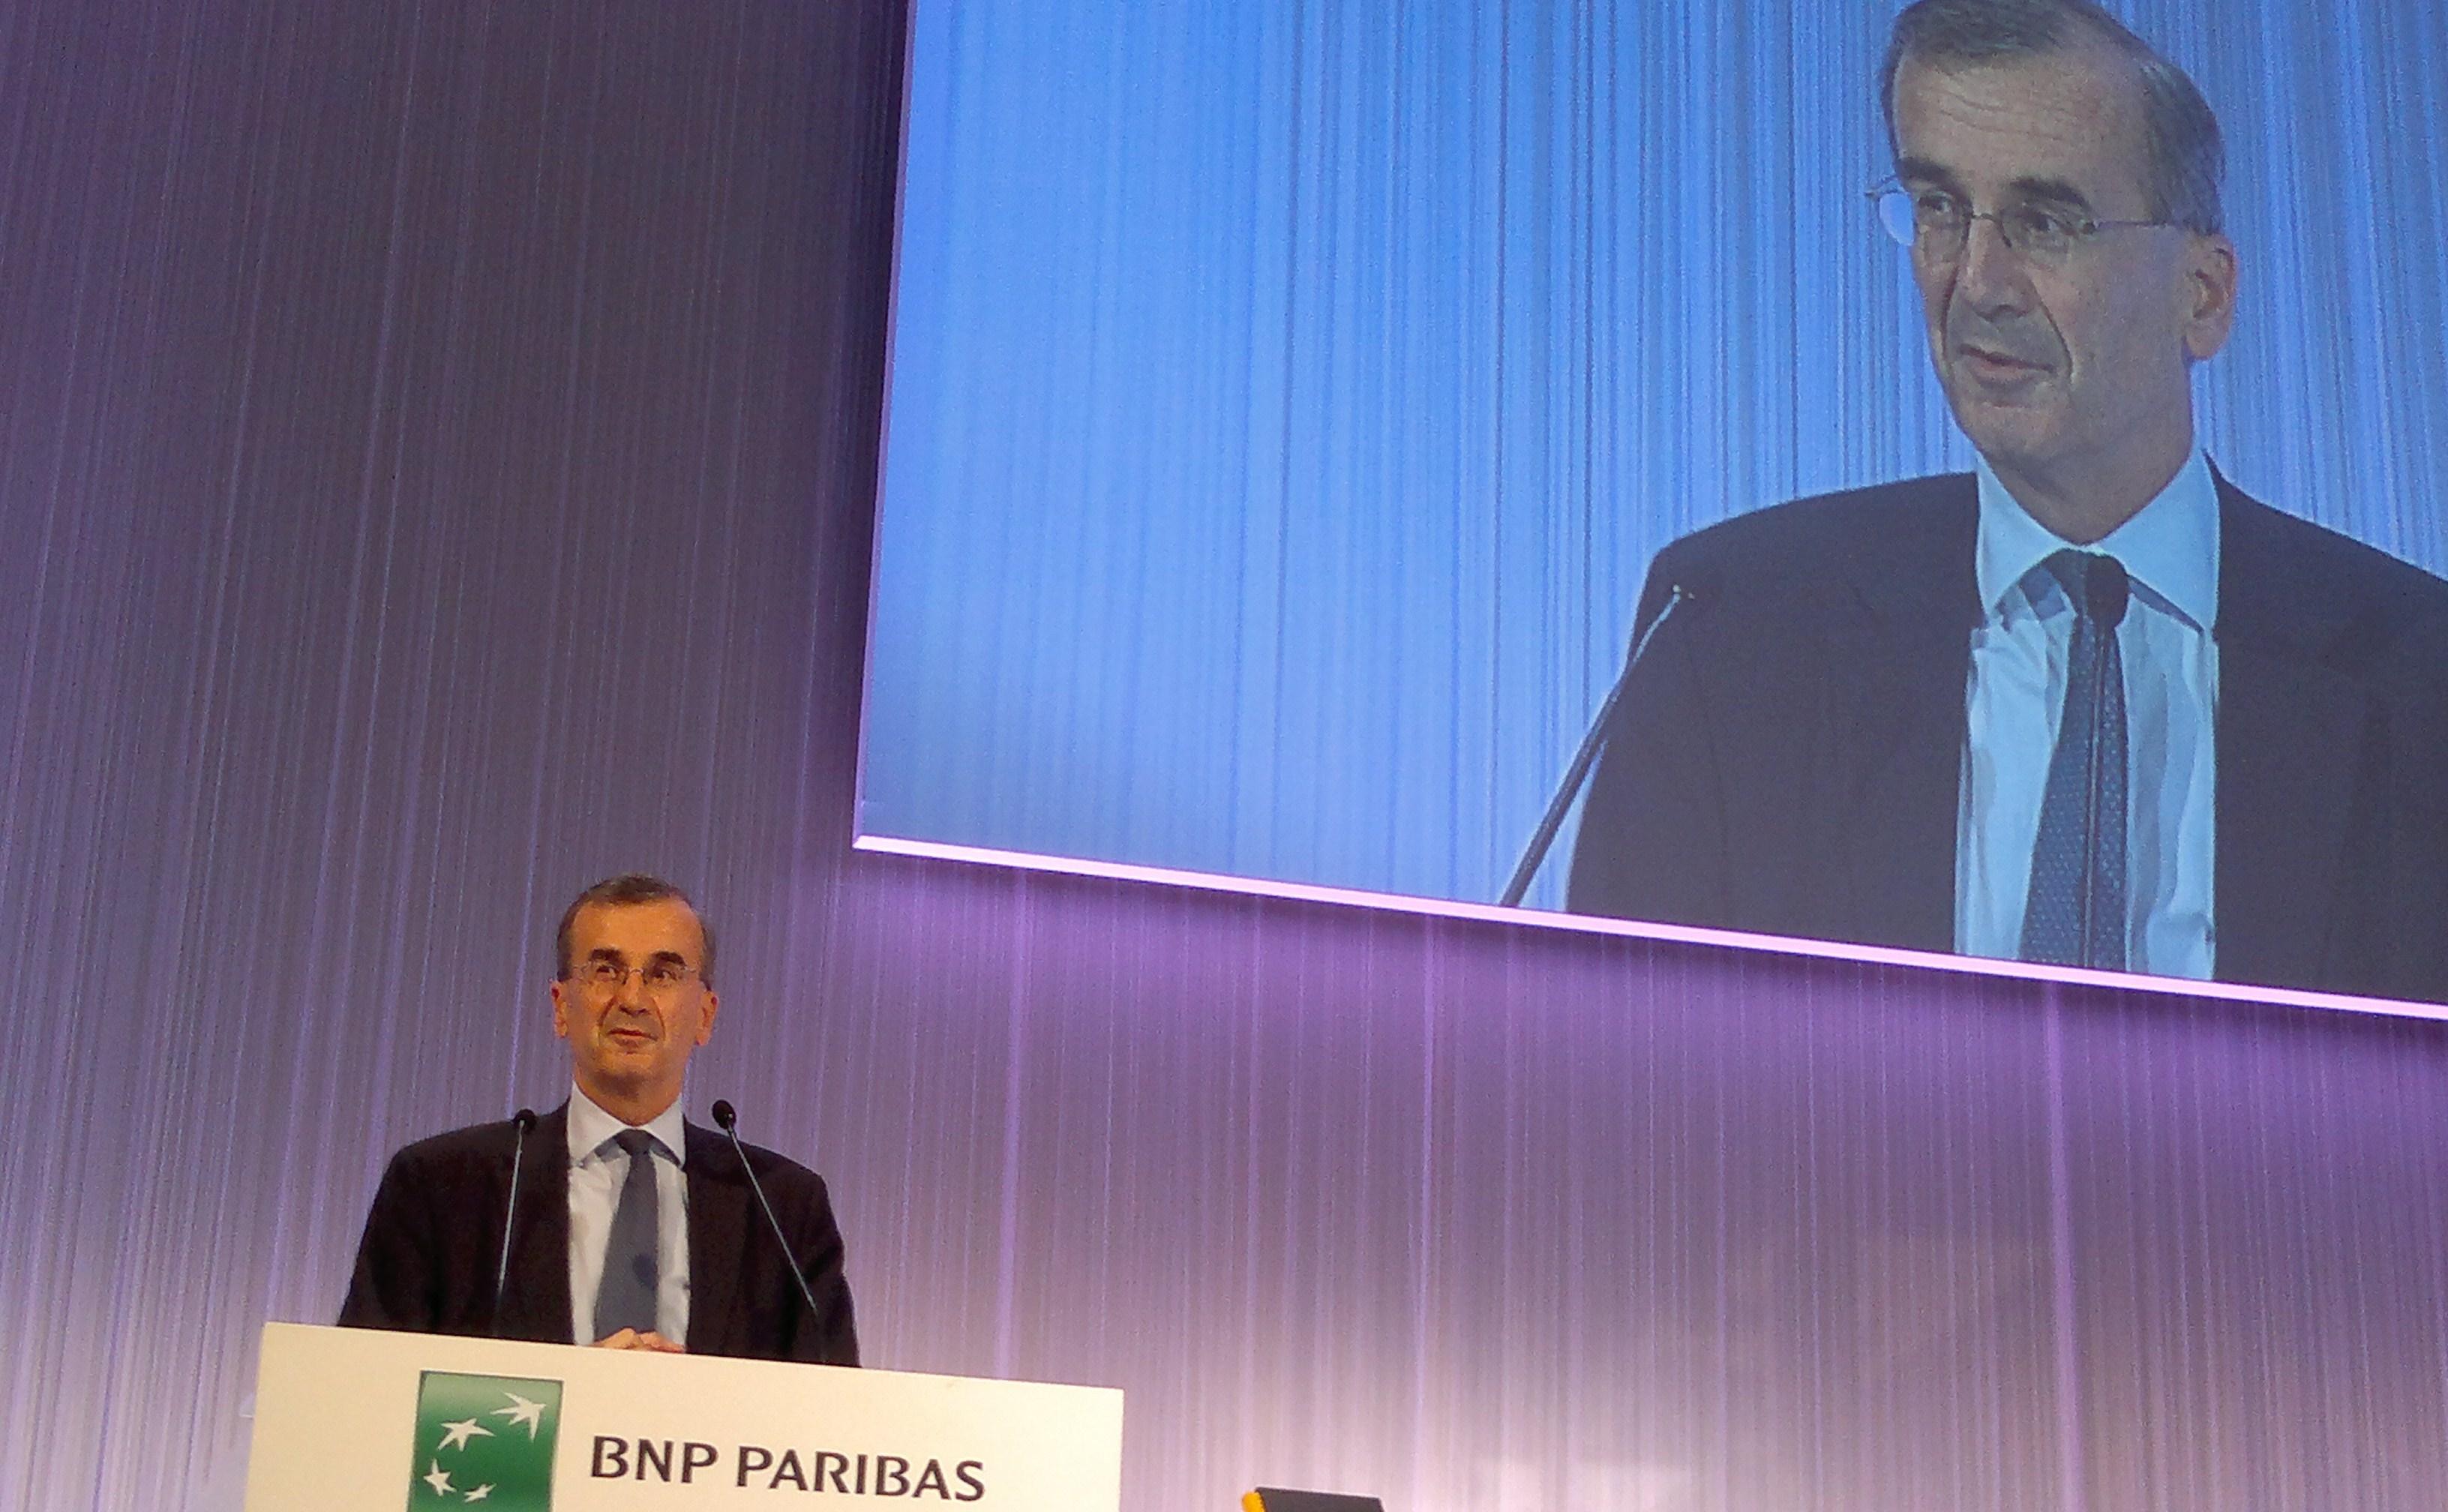 François Villeroy de Galhau, président de la Fondation BNP Paribas, évoque la notion de banque responsable. (photo © GPouzin)